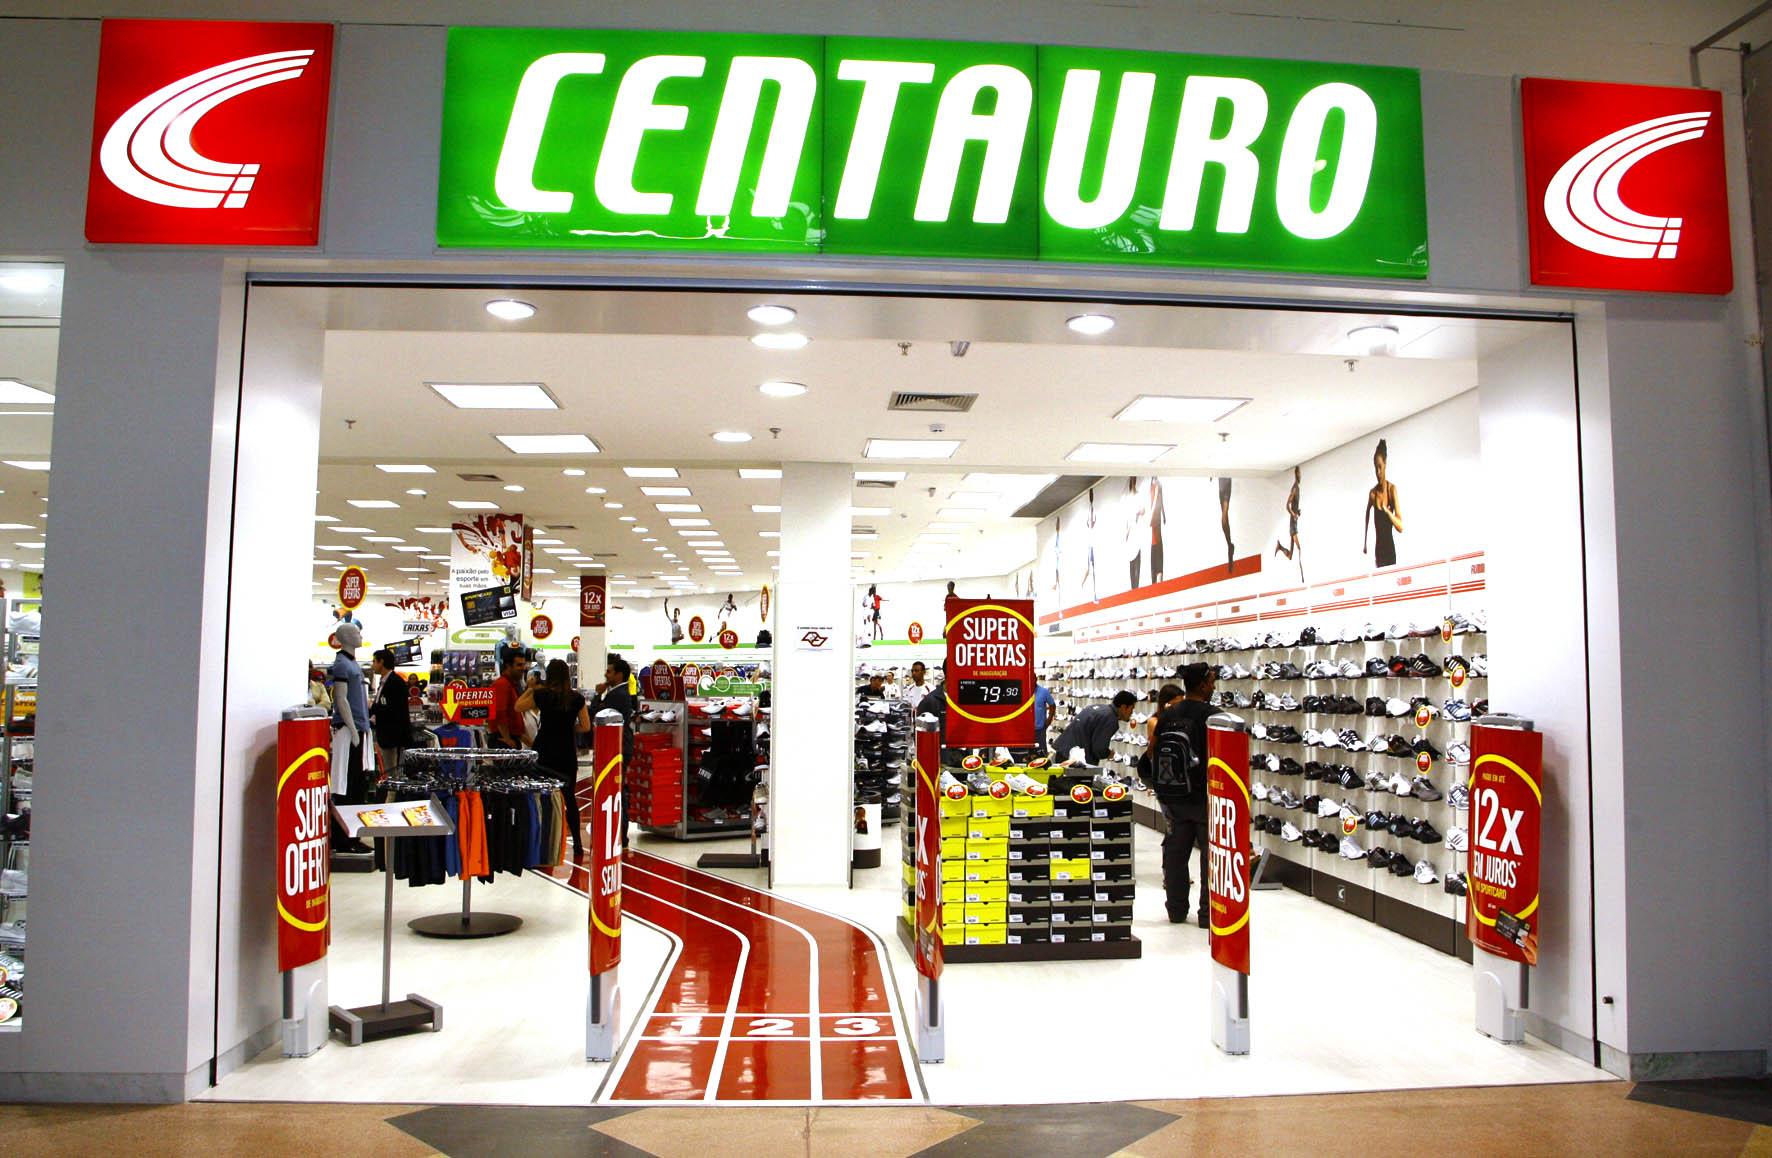 8852acc2a1 Centauro abre inscrições para contratação de 1.960 colaboradores ...